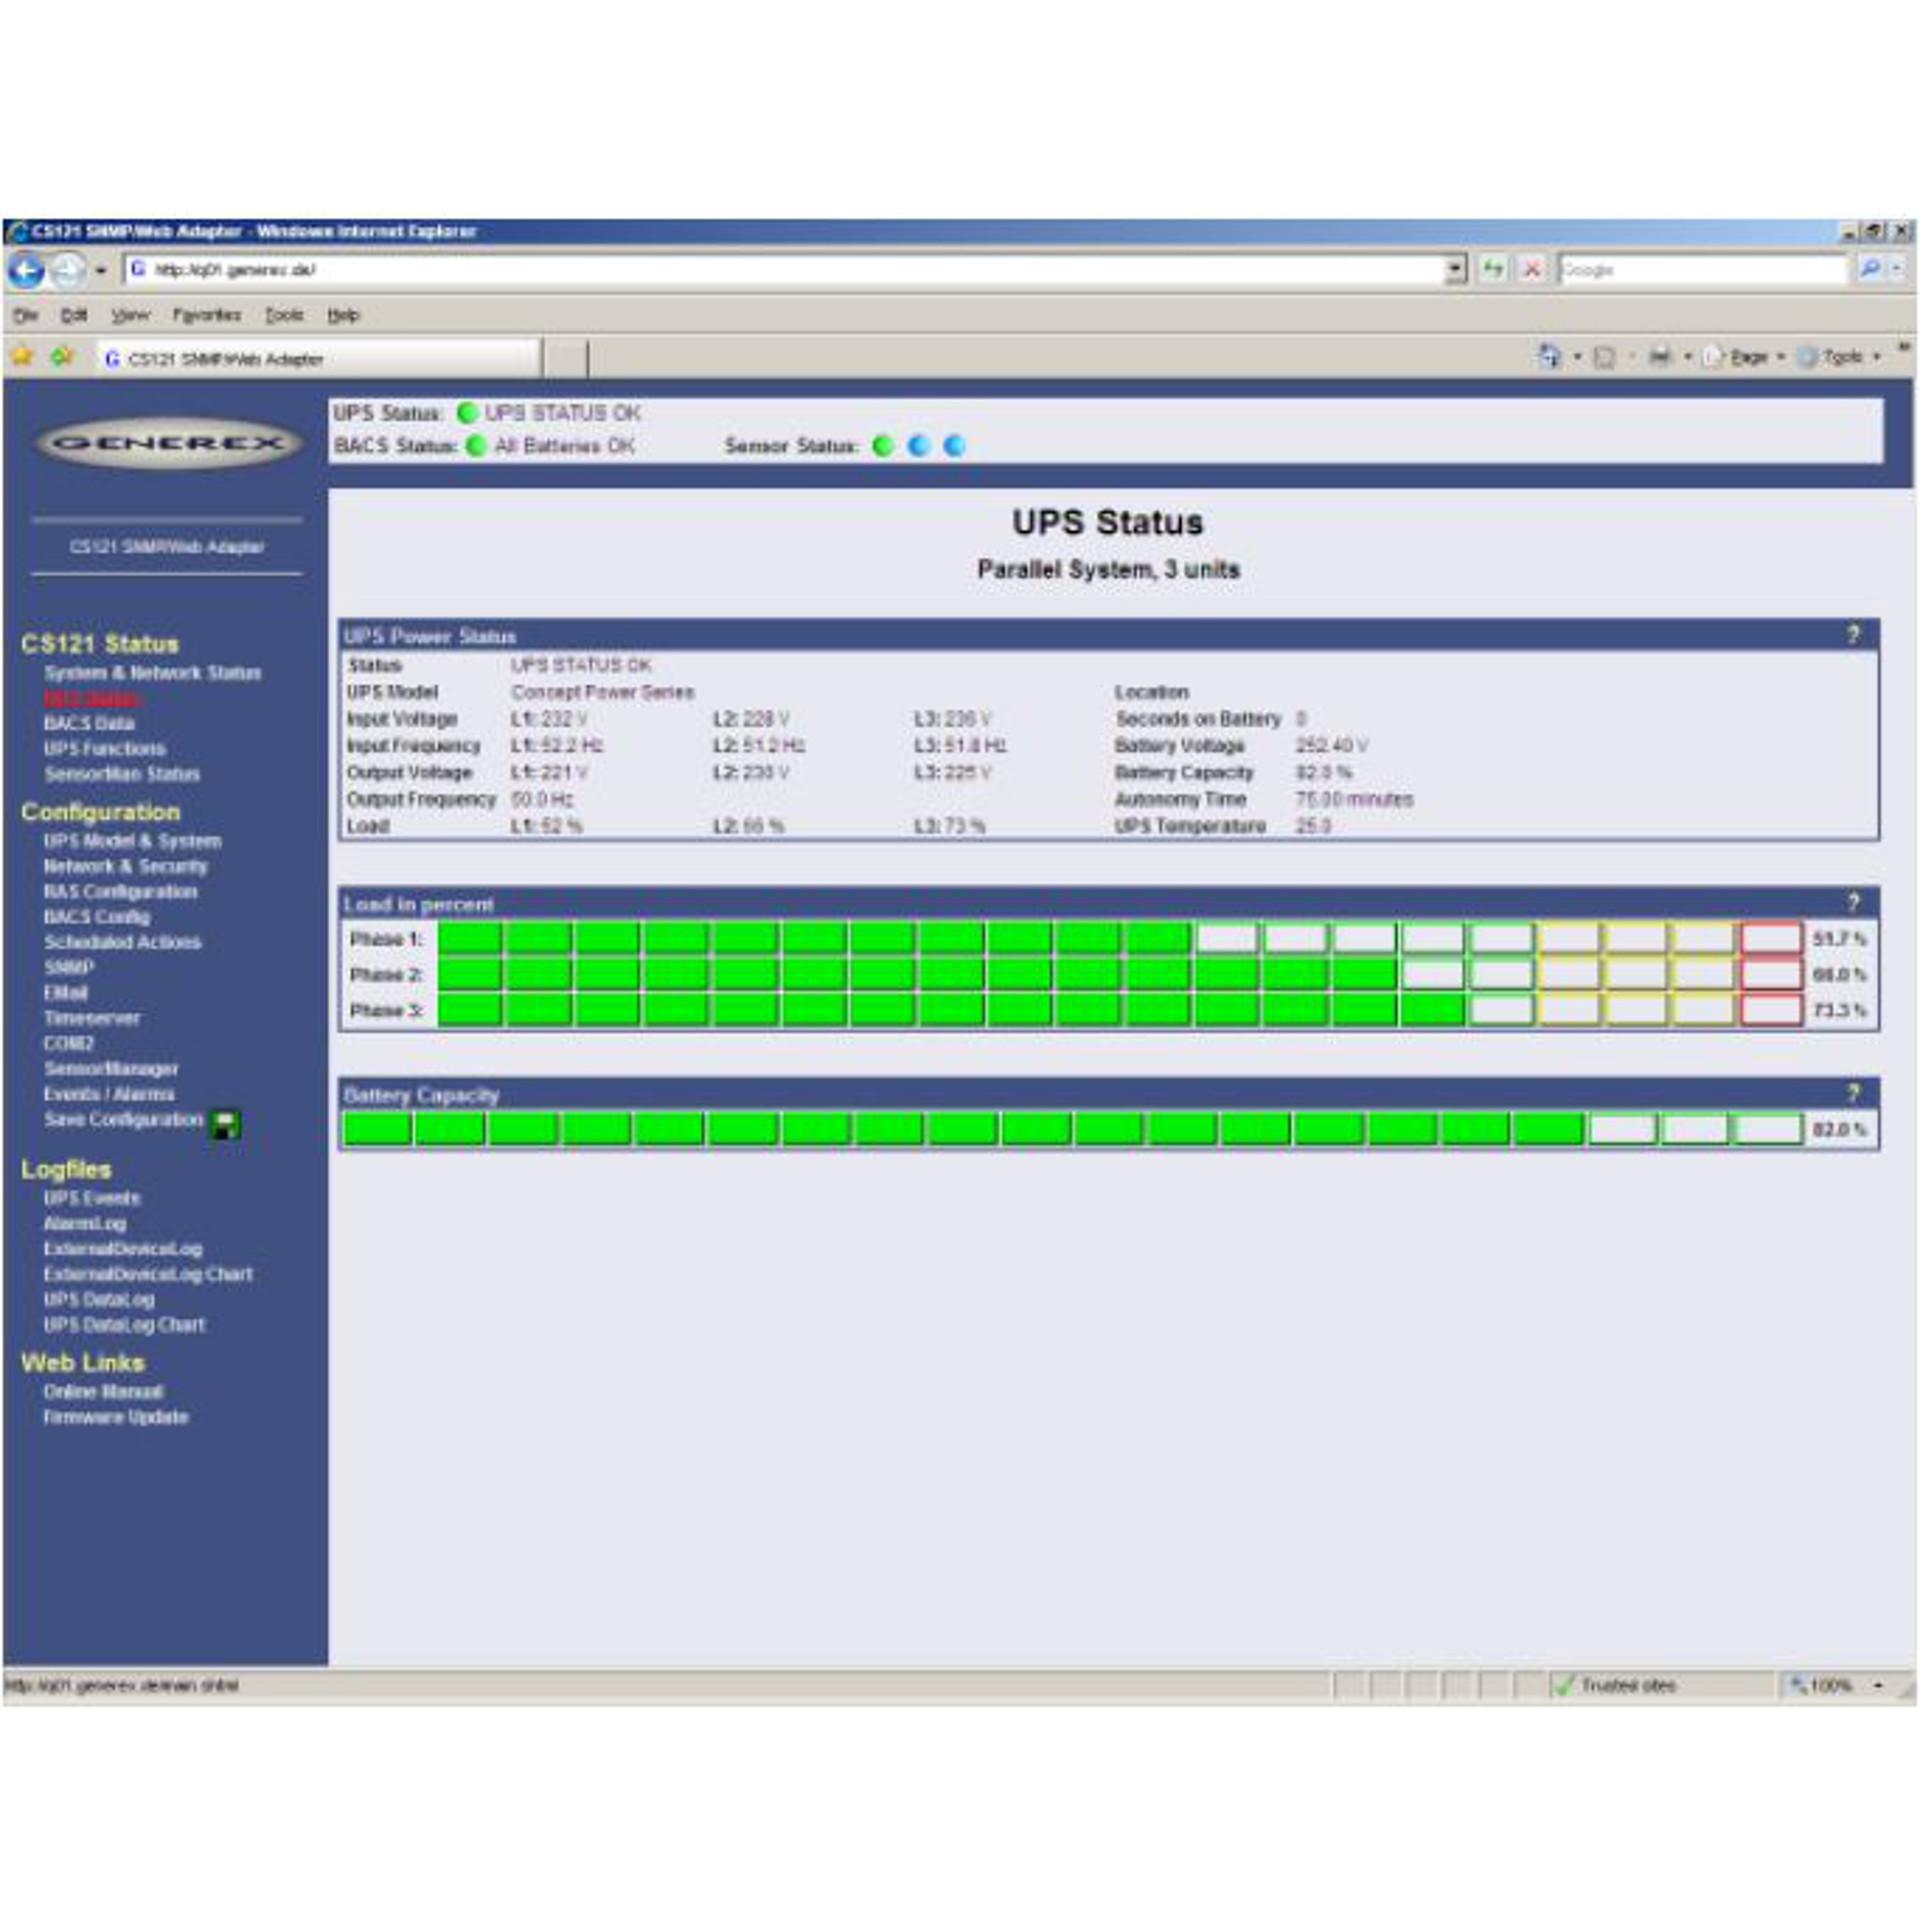 PowerNetGuard - Zentralisierte USV Steuerung und Überwachung über SNMP-Interface